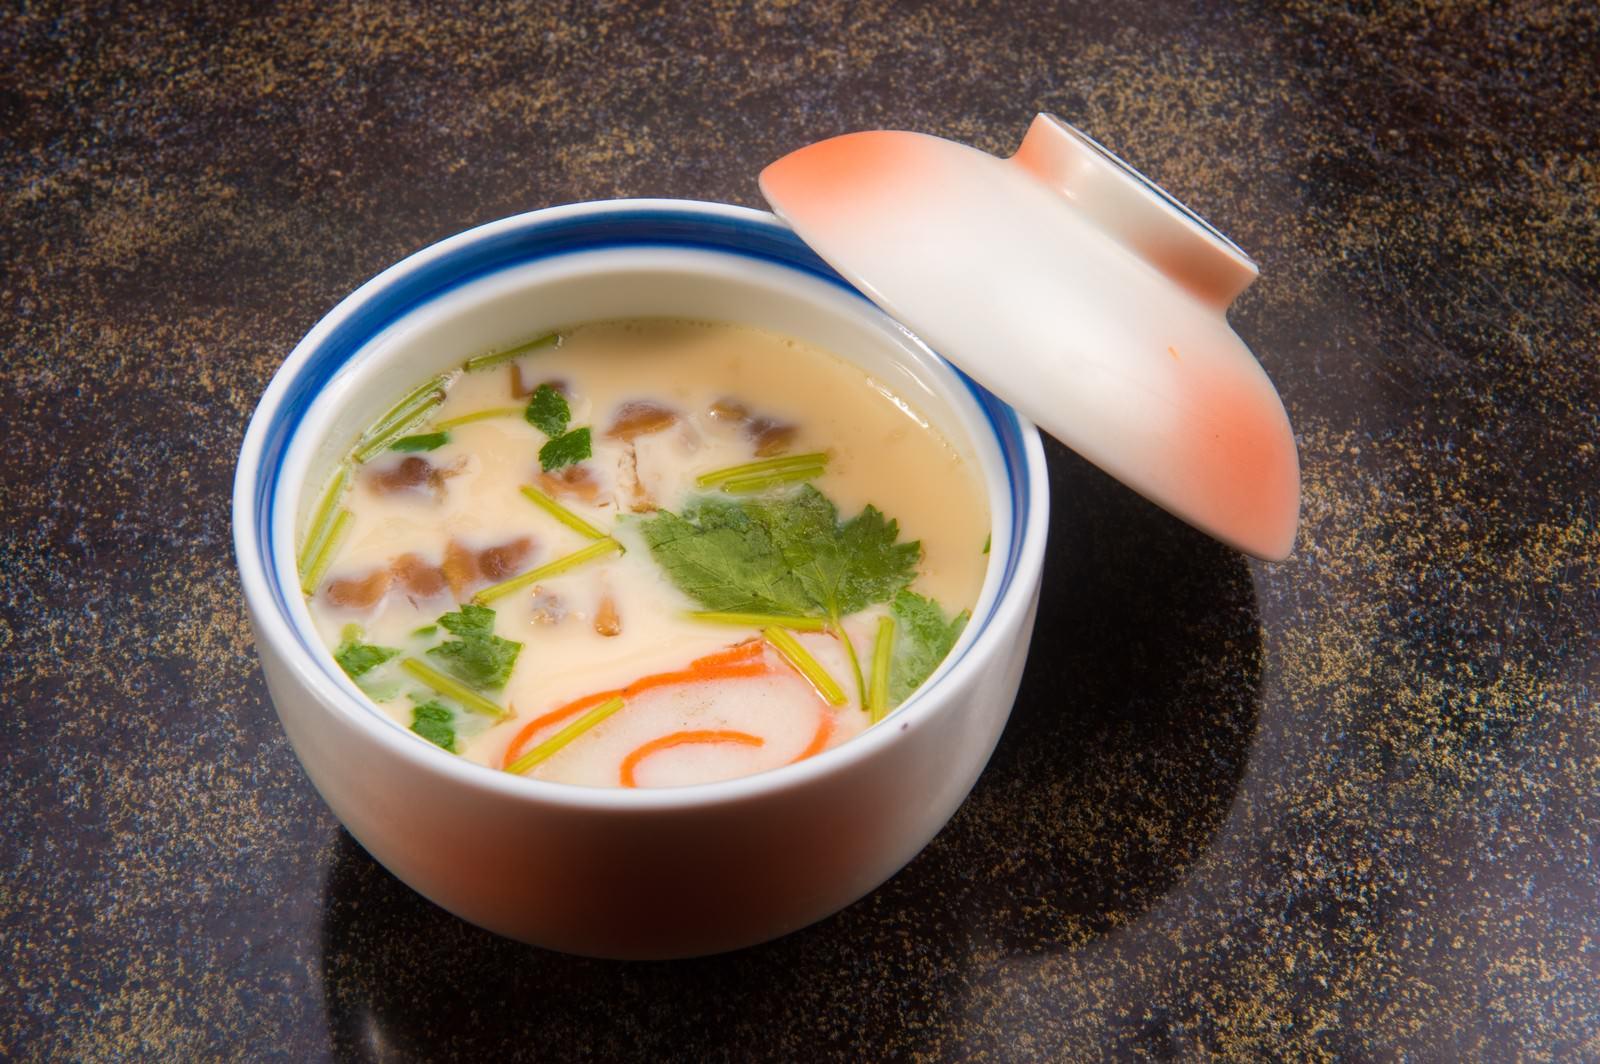 「山の幸を贅沢に使った栄太郎の茶碗蒸し」の写真